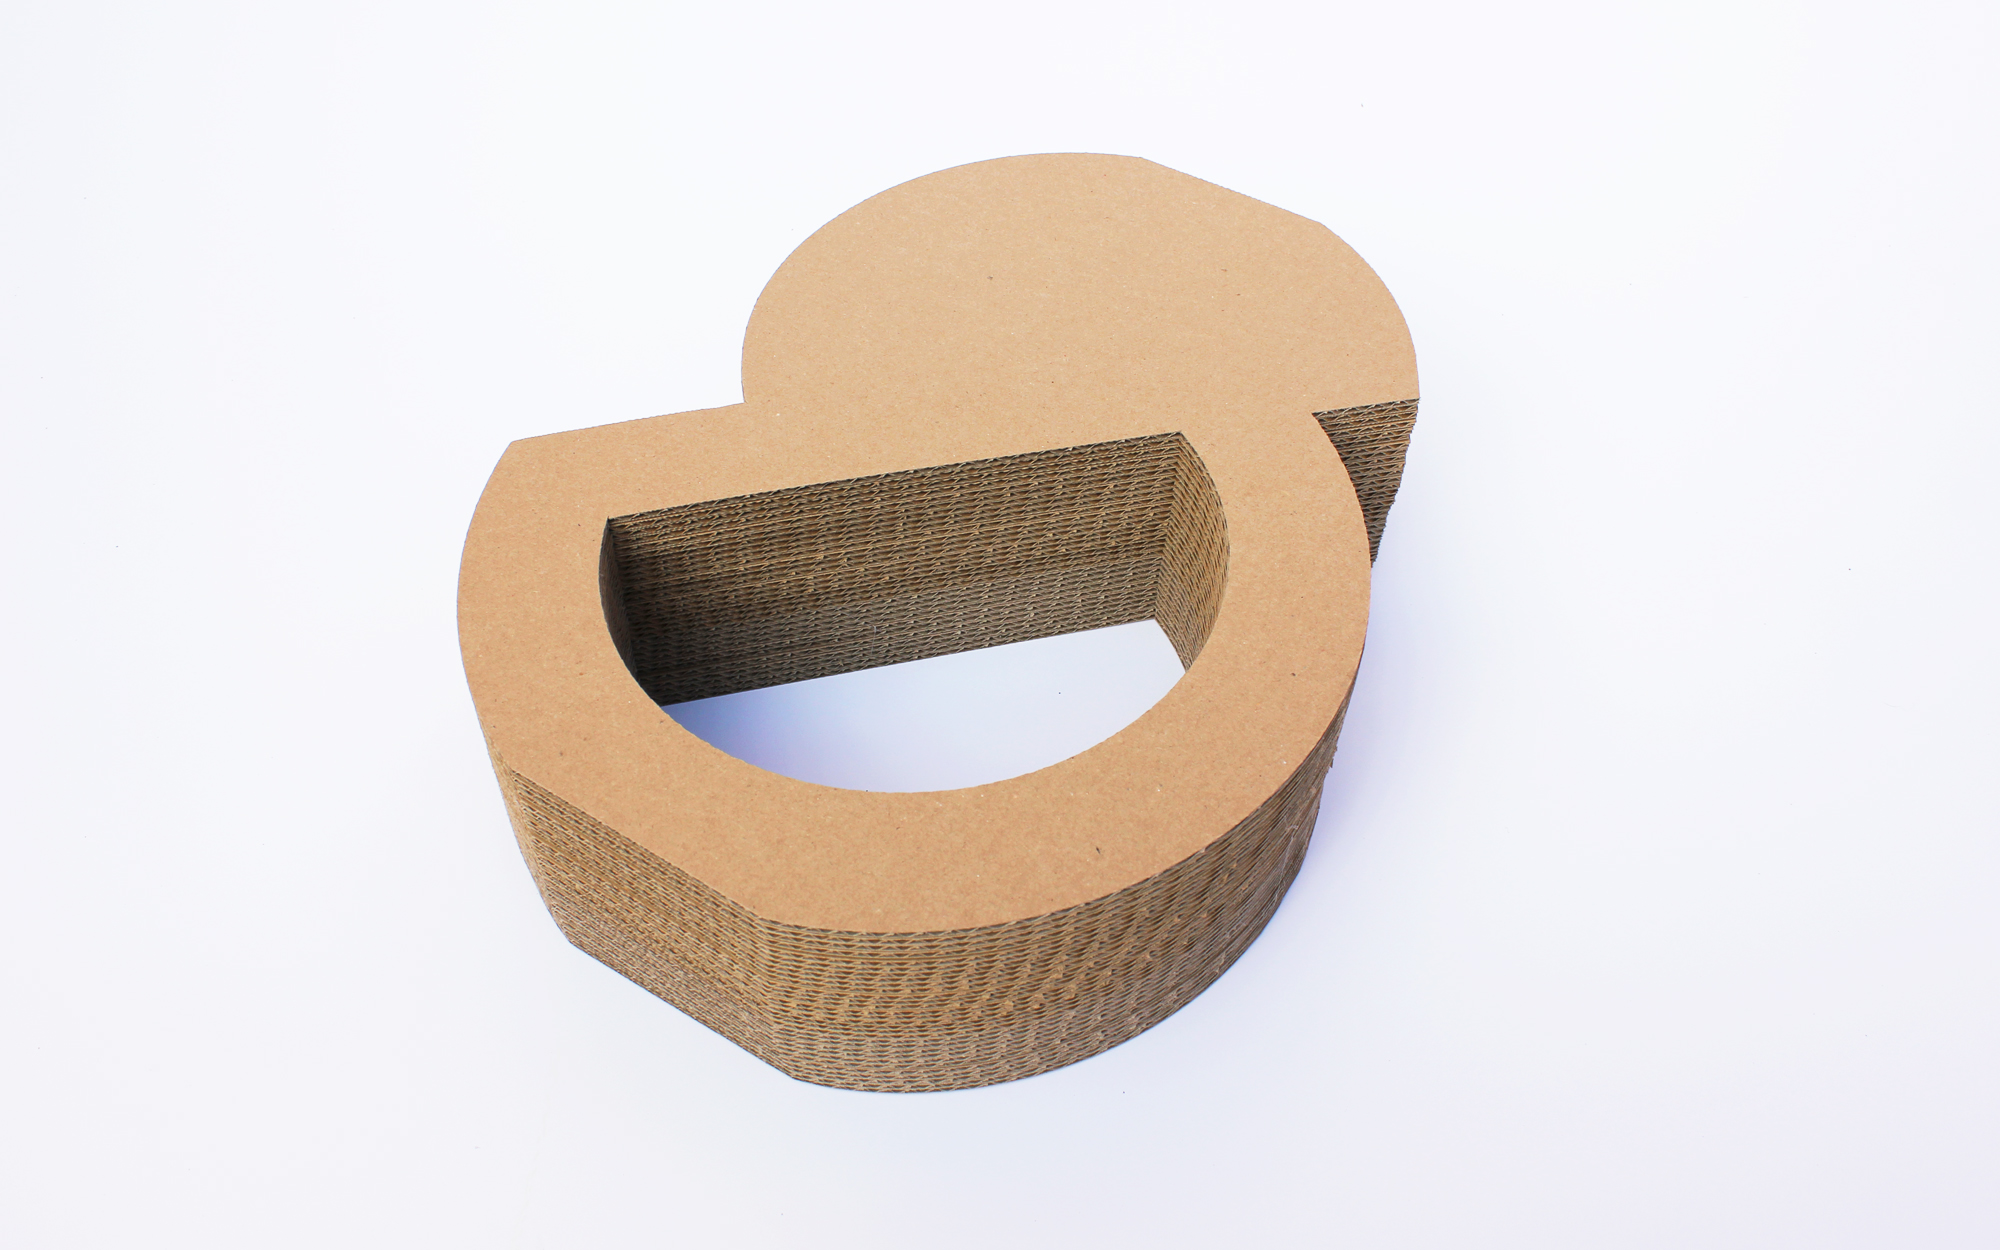 reuse_type_cardboard_typography_matthew_pomorski_graphic_designer_kent_6